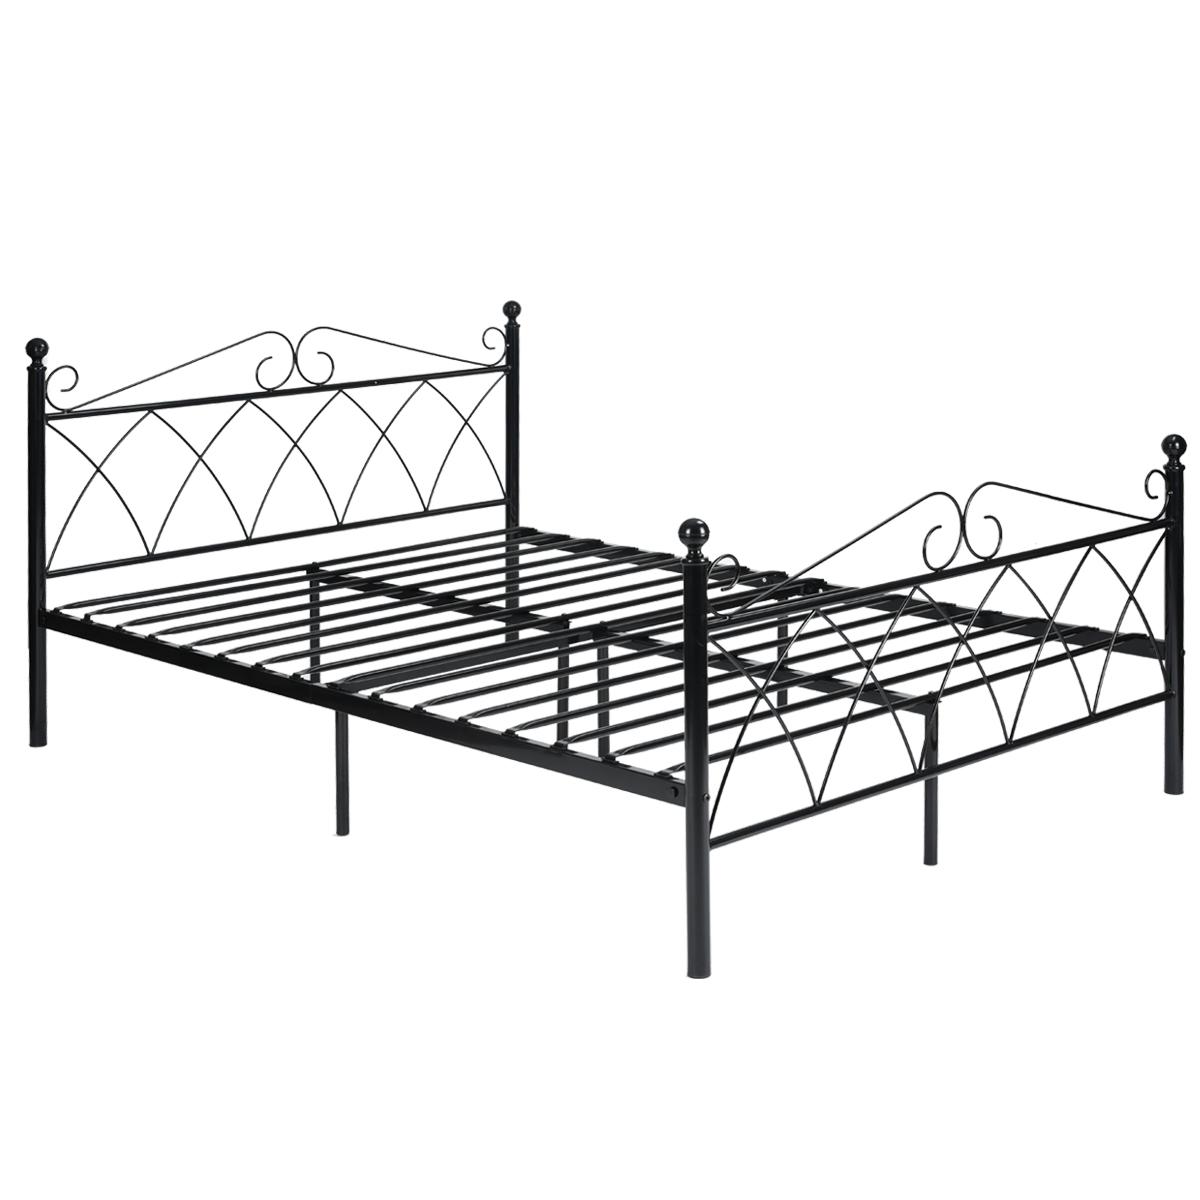 full size bedroom metal bed frame platform headboards w 10. Black Bedroom Furniture Sets. Home Design Ideas